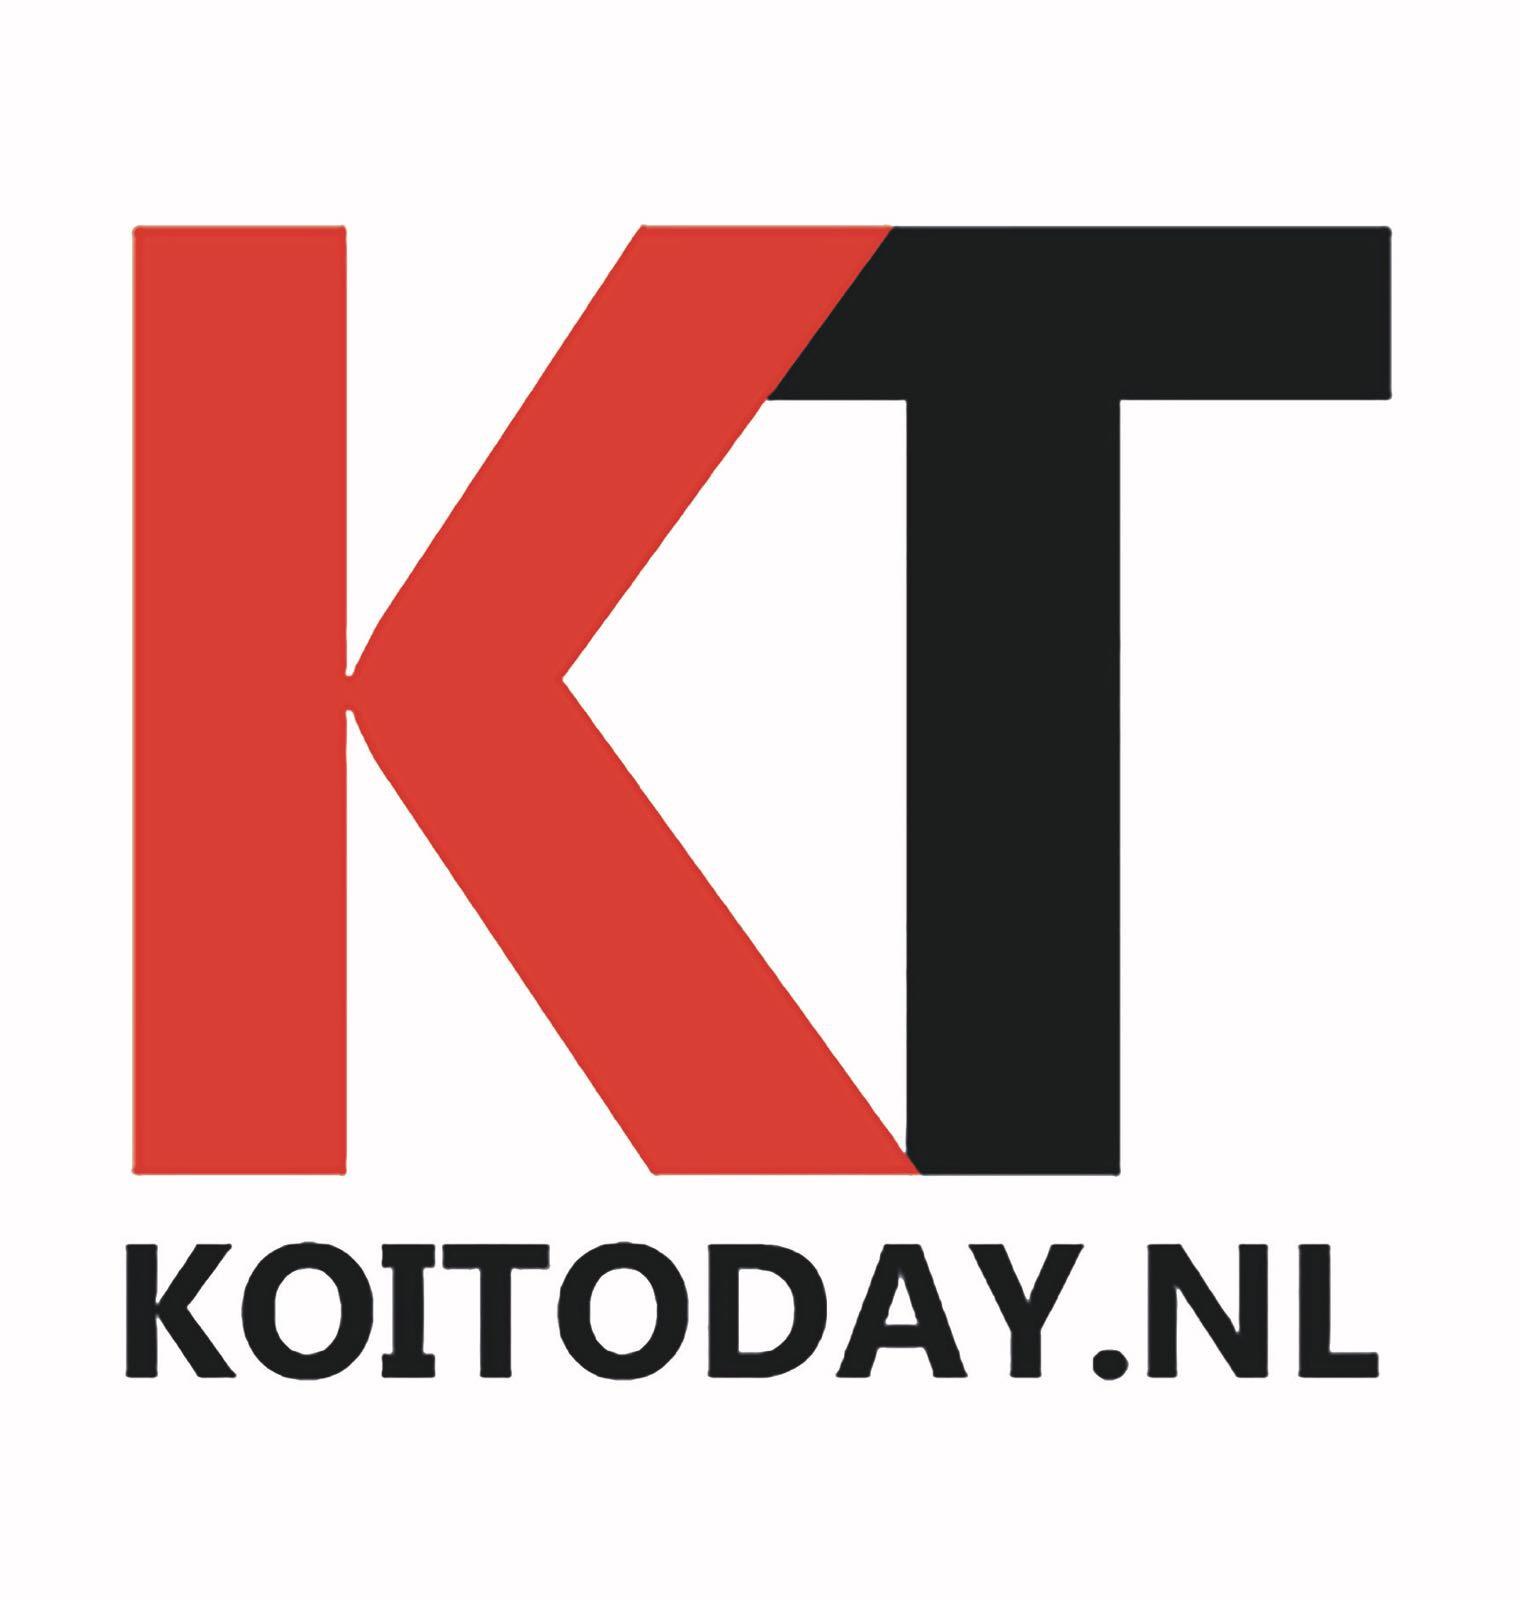 Koi today